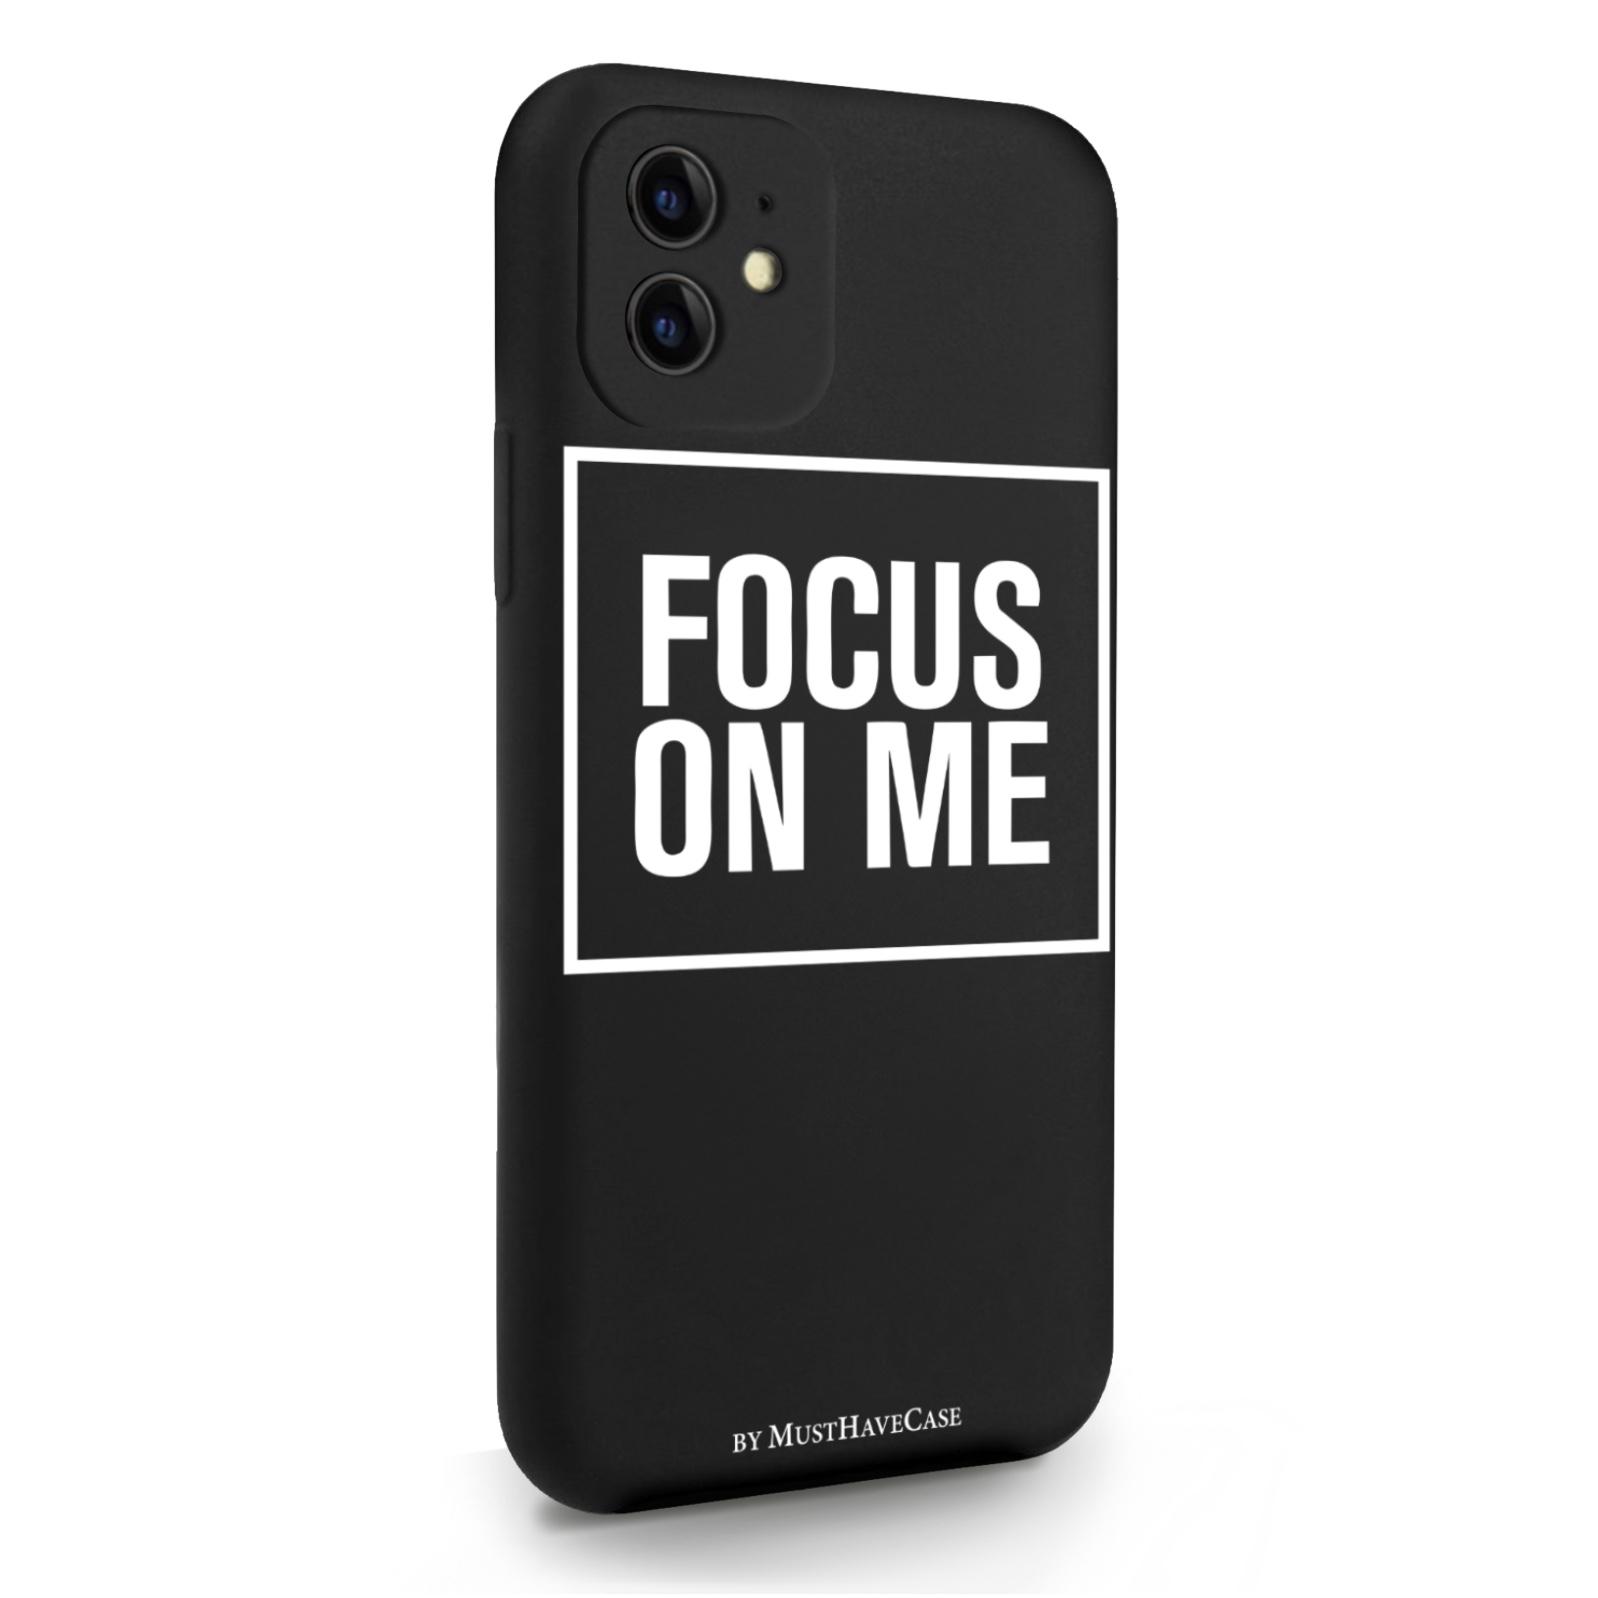 Черный силиконовый чехол для iPhone 11 Focus on me для Айфон 11